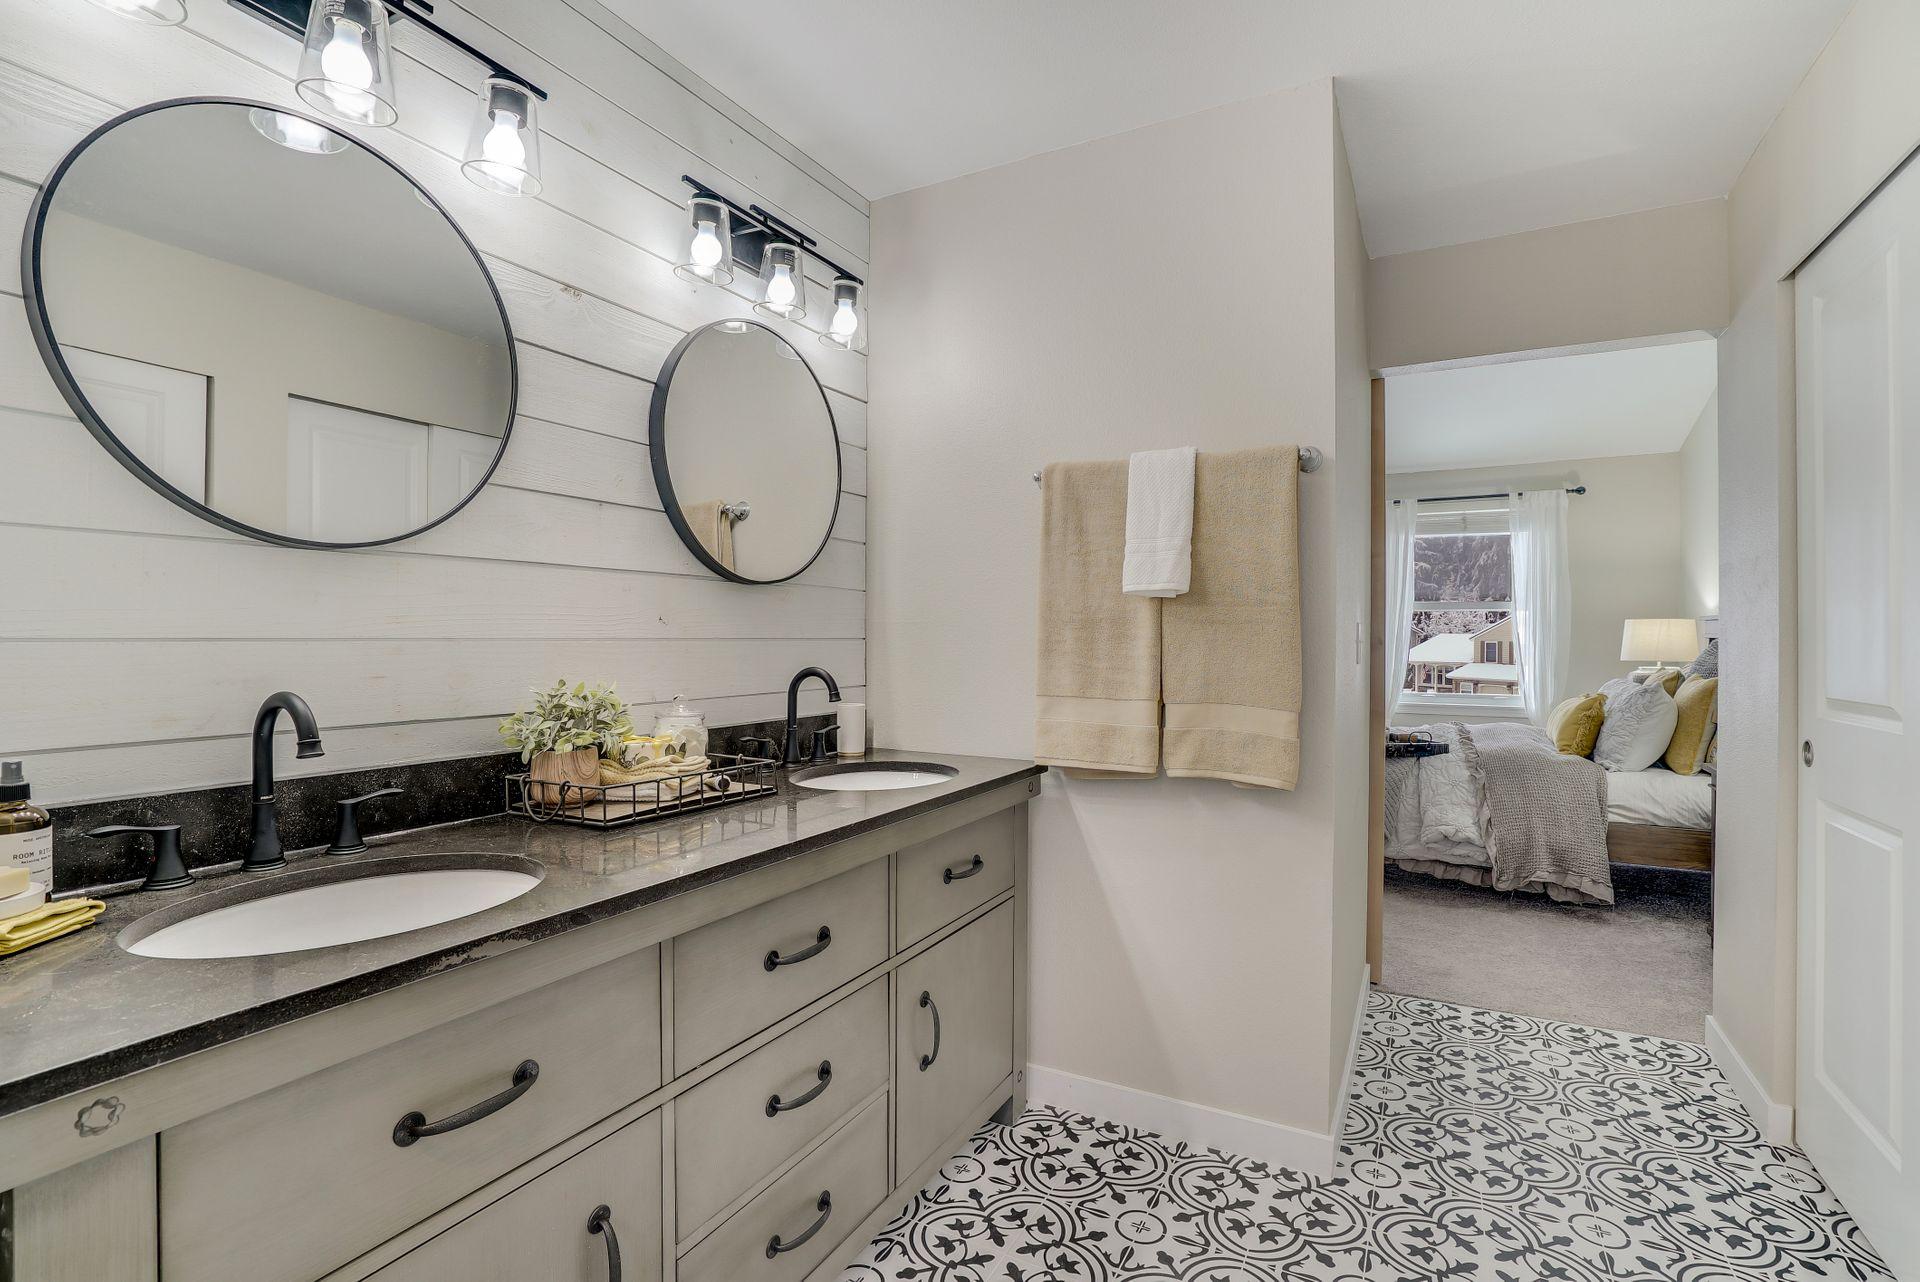 Contemporary bathroom design ideas for a bathroom renovation